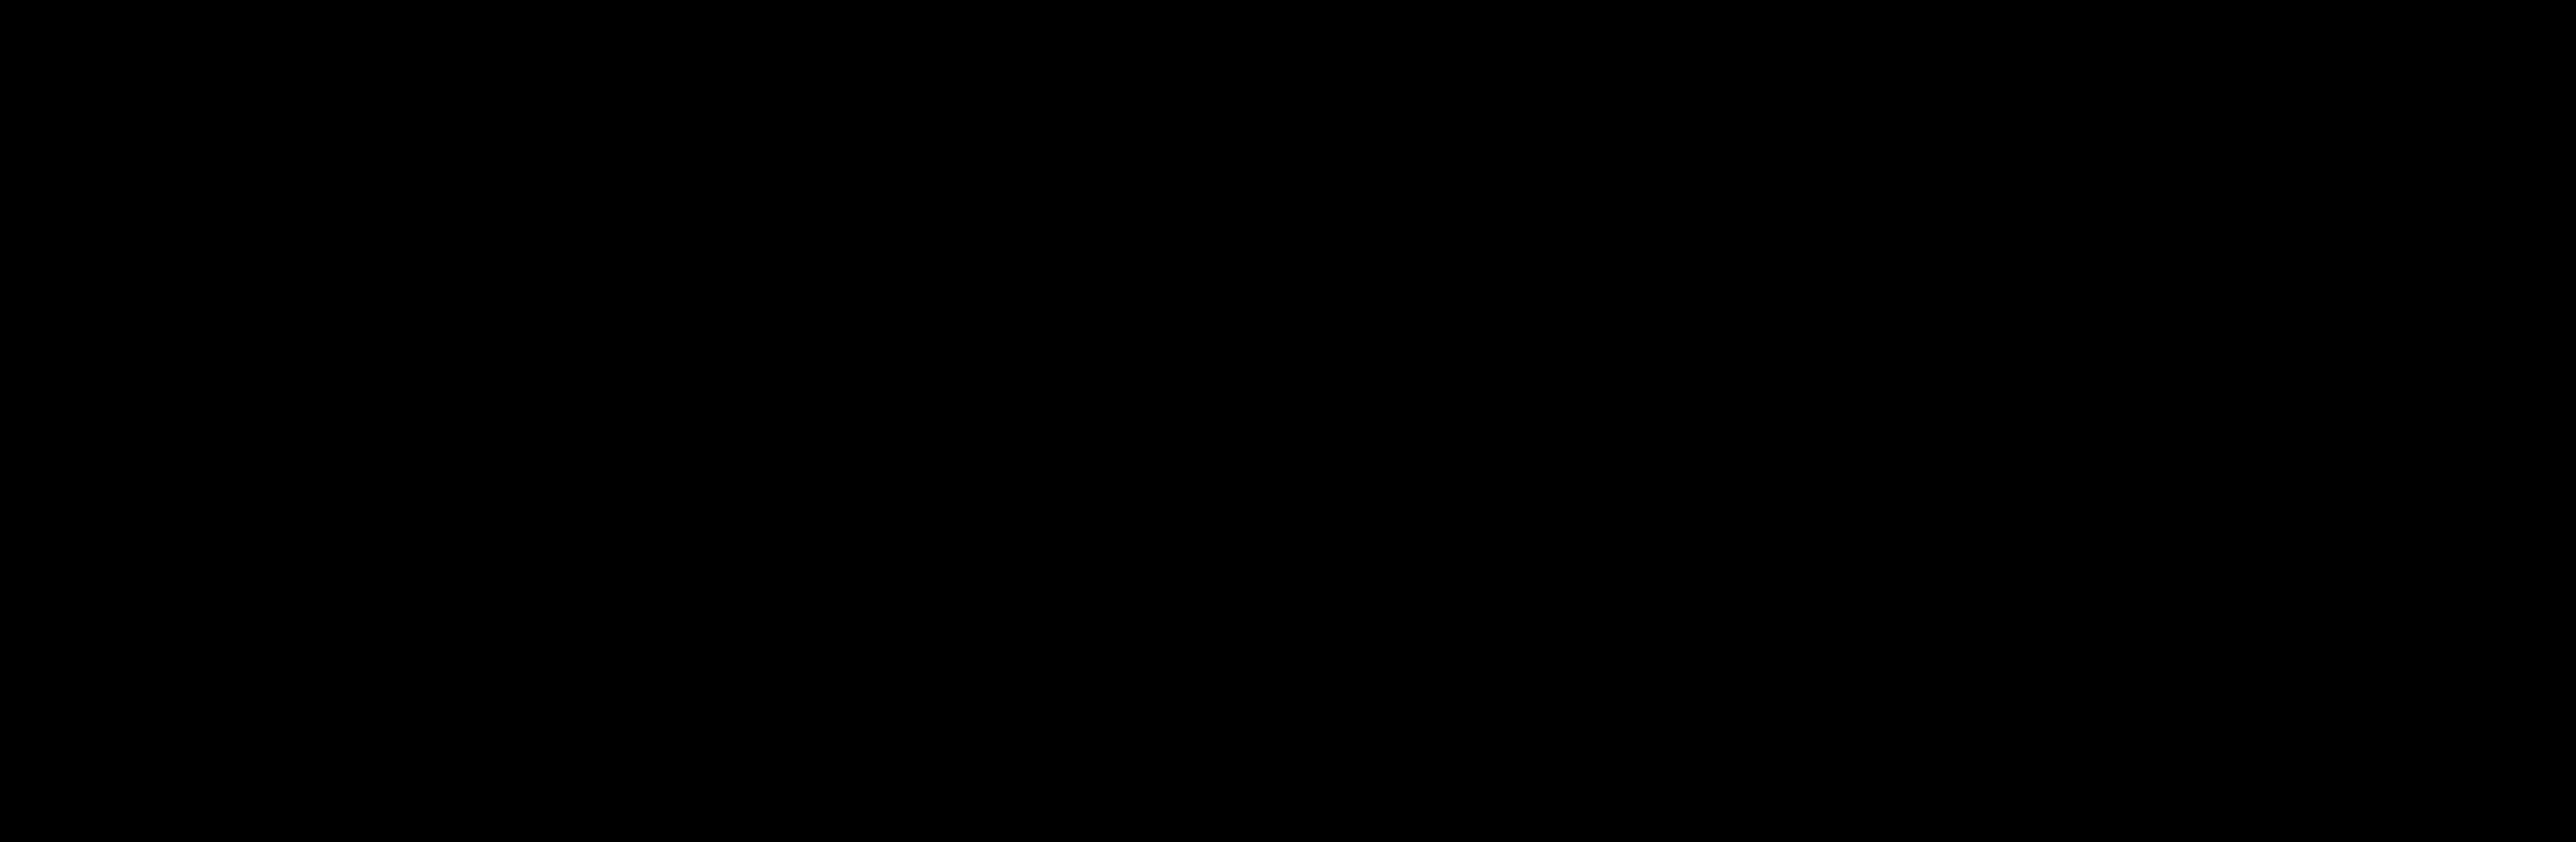 Armani collezioni logo pictures